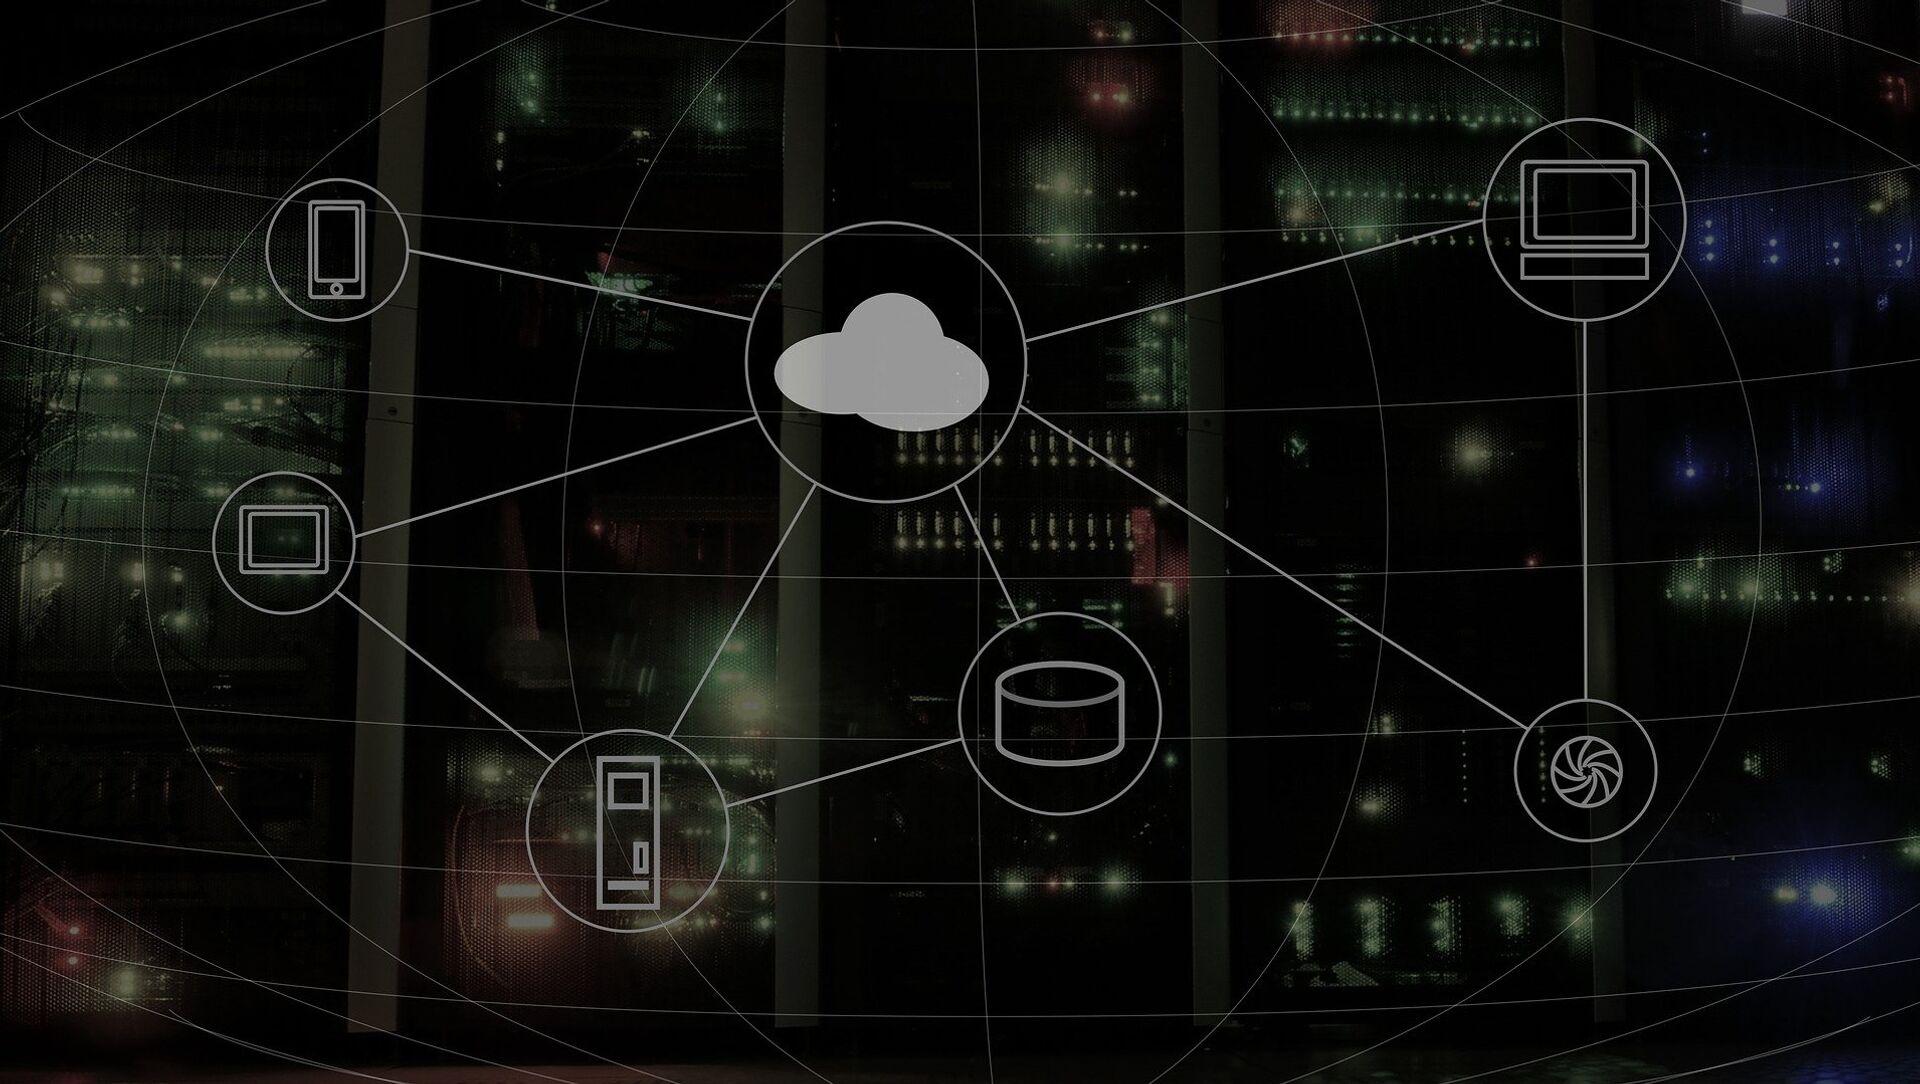 Cloud computing - Sputnik International, 1920, 02.08.2021